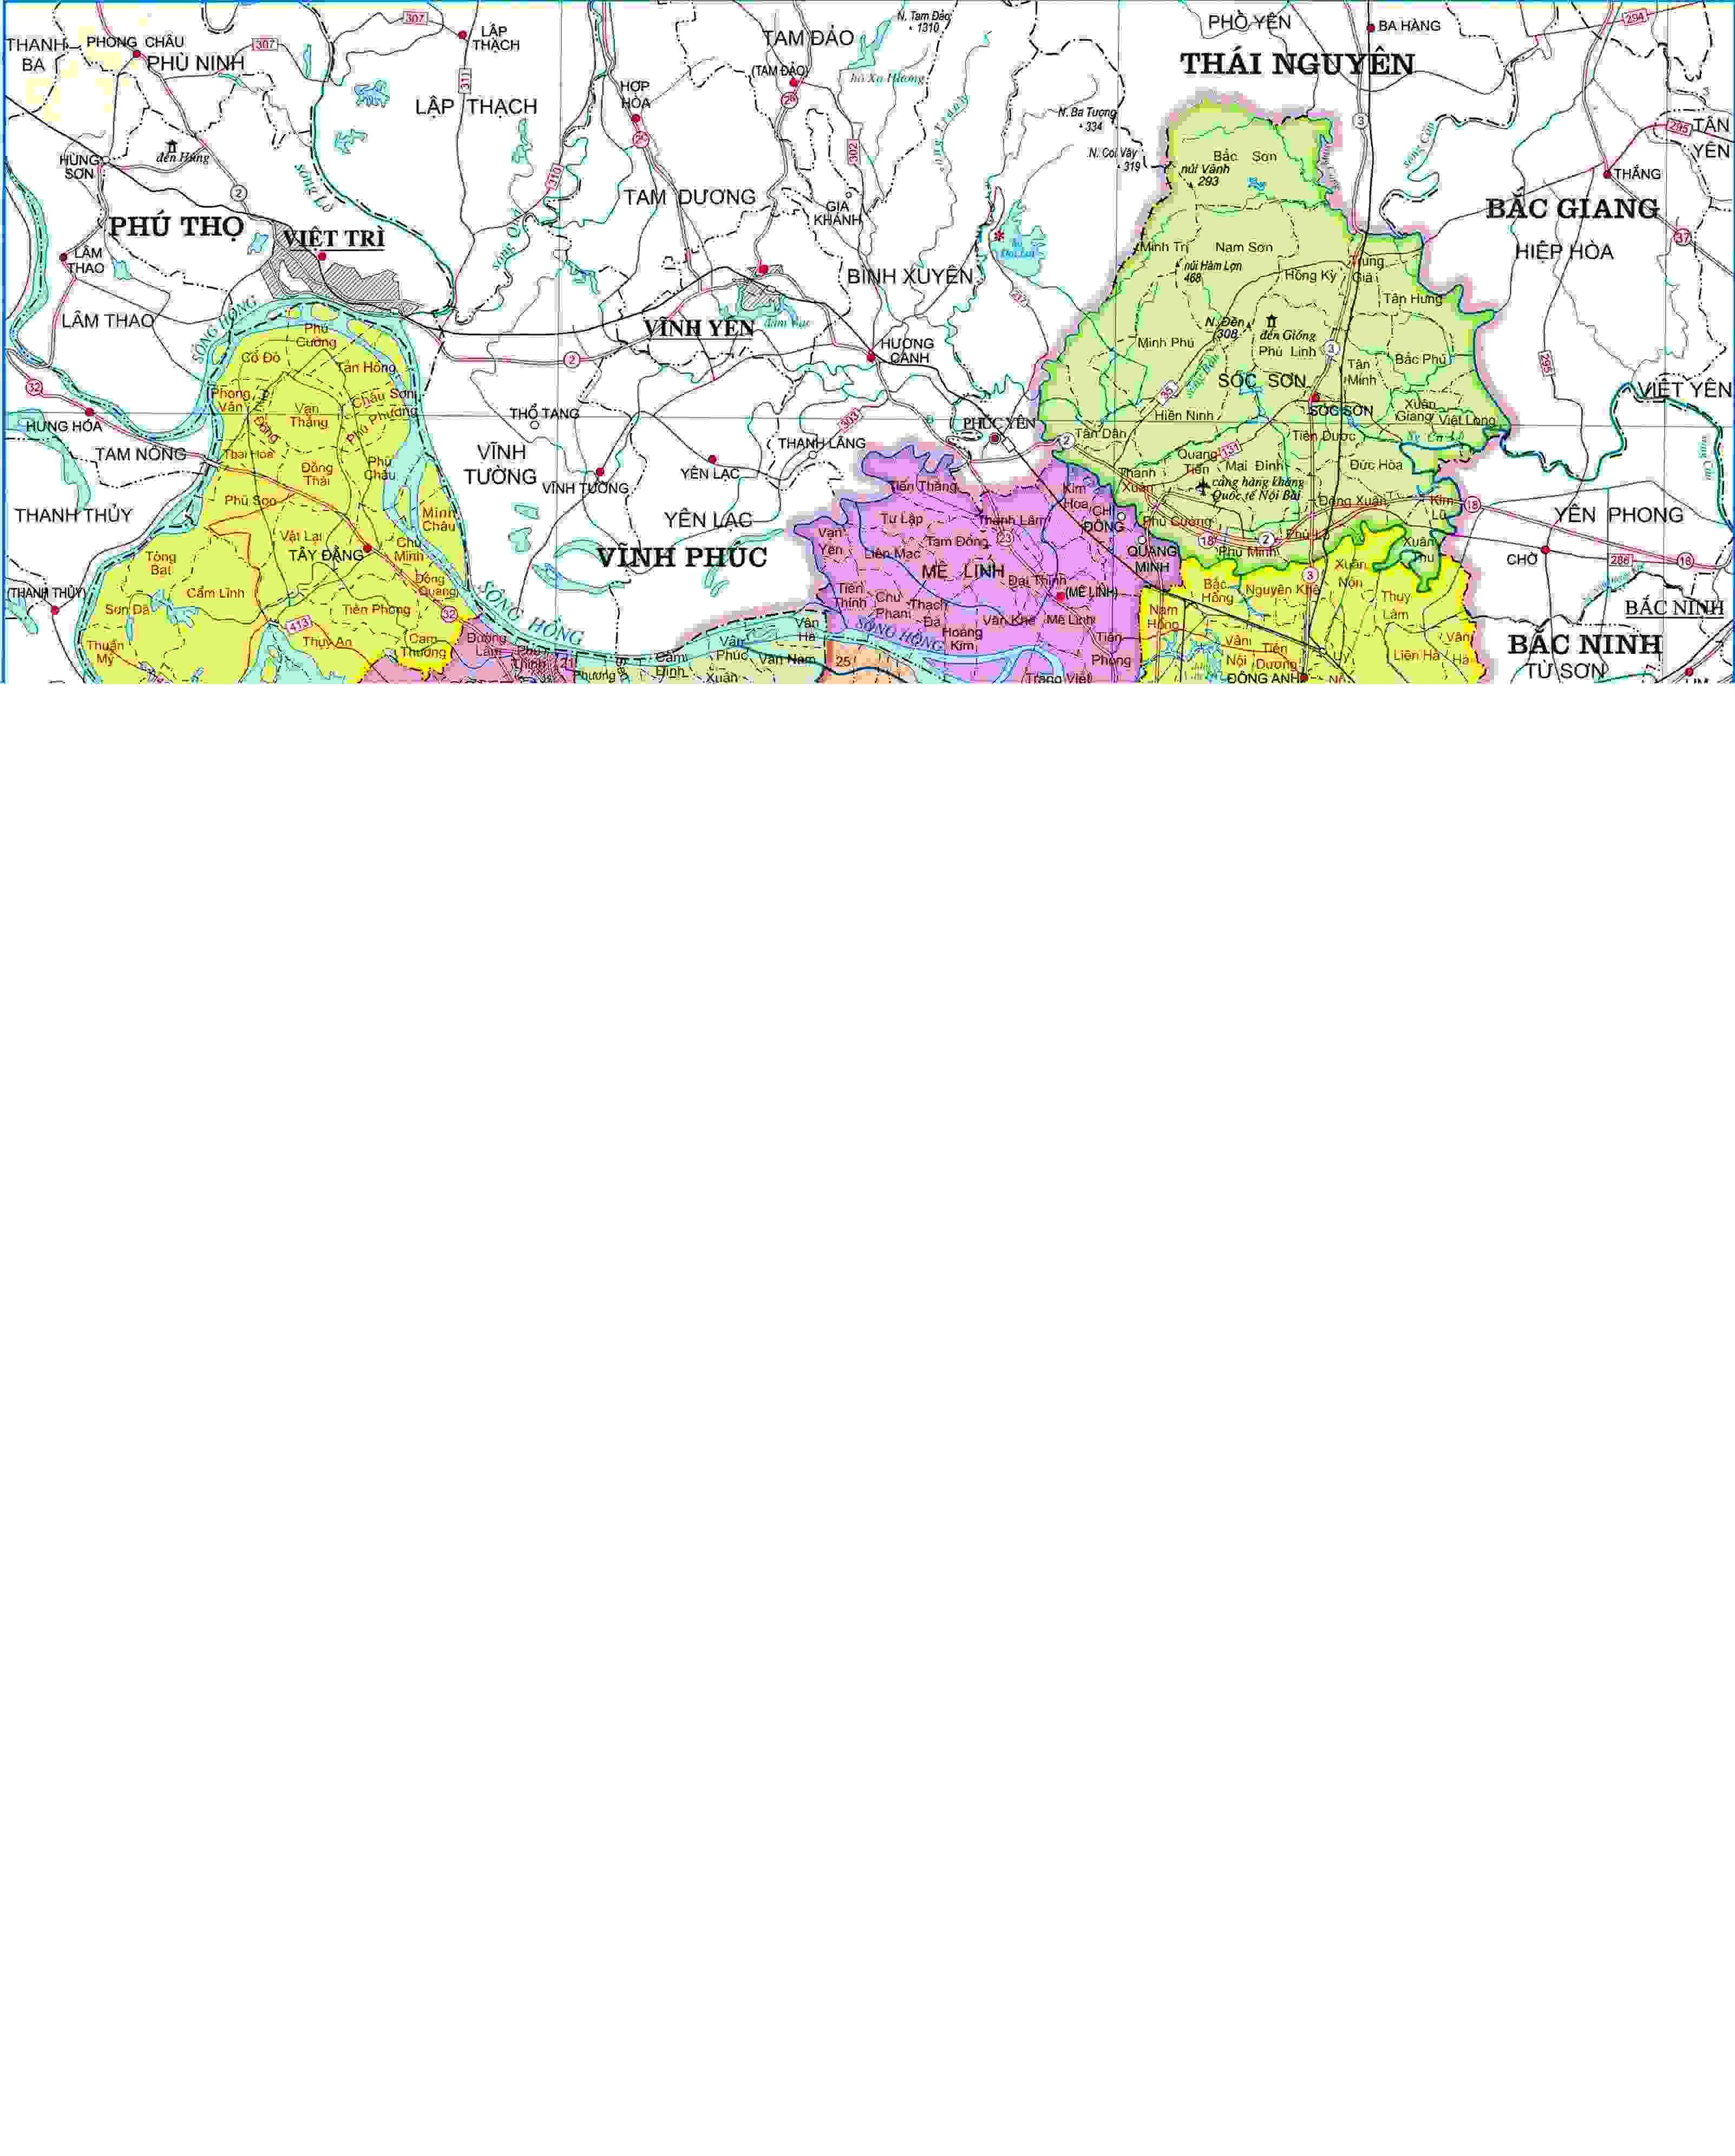 Bản đồ hành chính Tp Hải Phòng khổ lớn